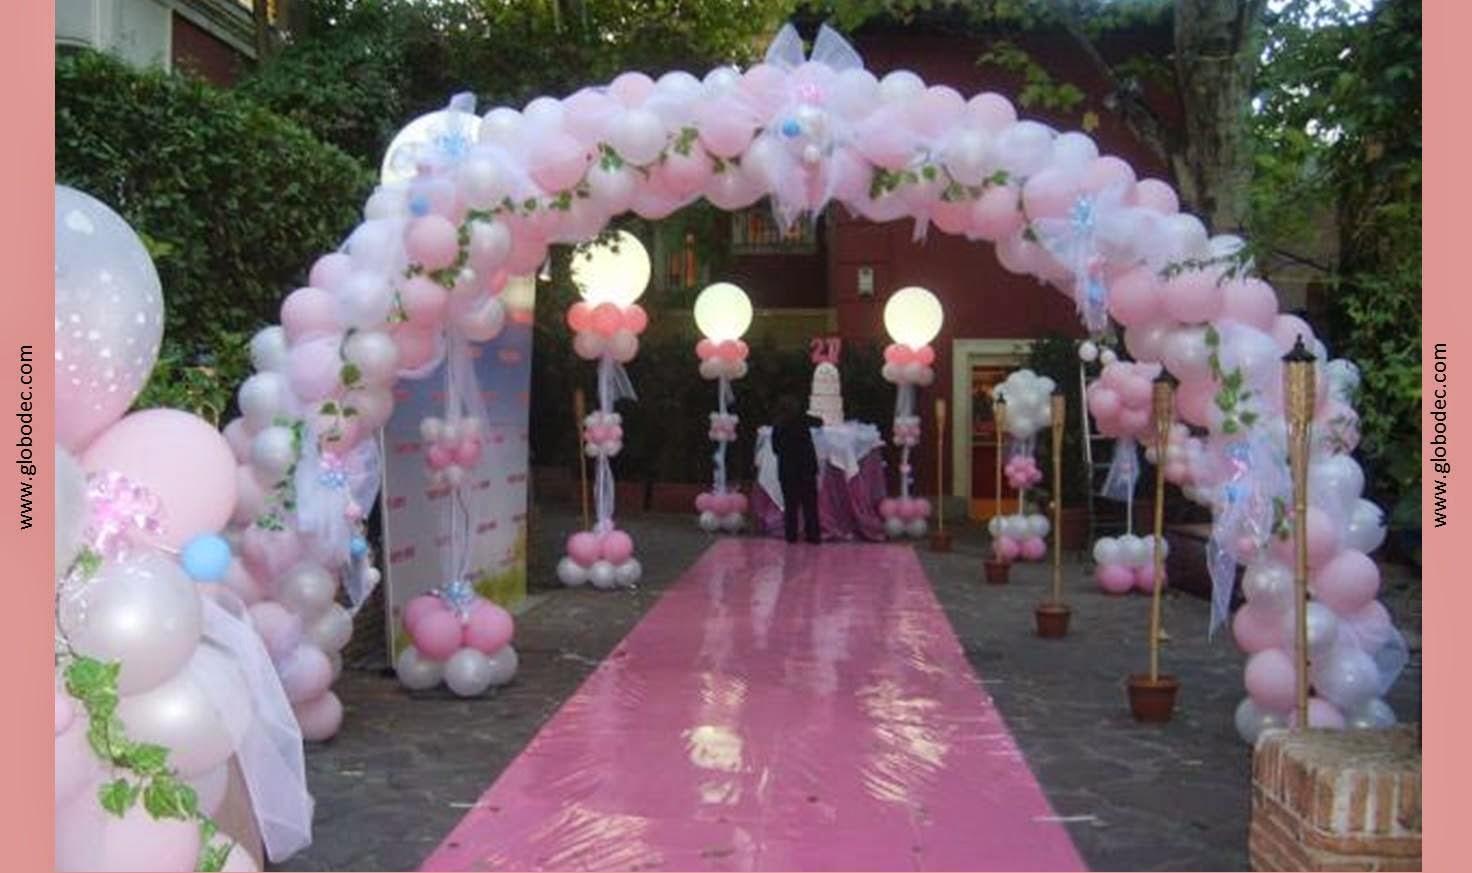 Arcos de globos para 15 a os imagui for Globos para quince anos